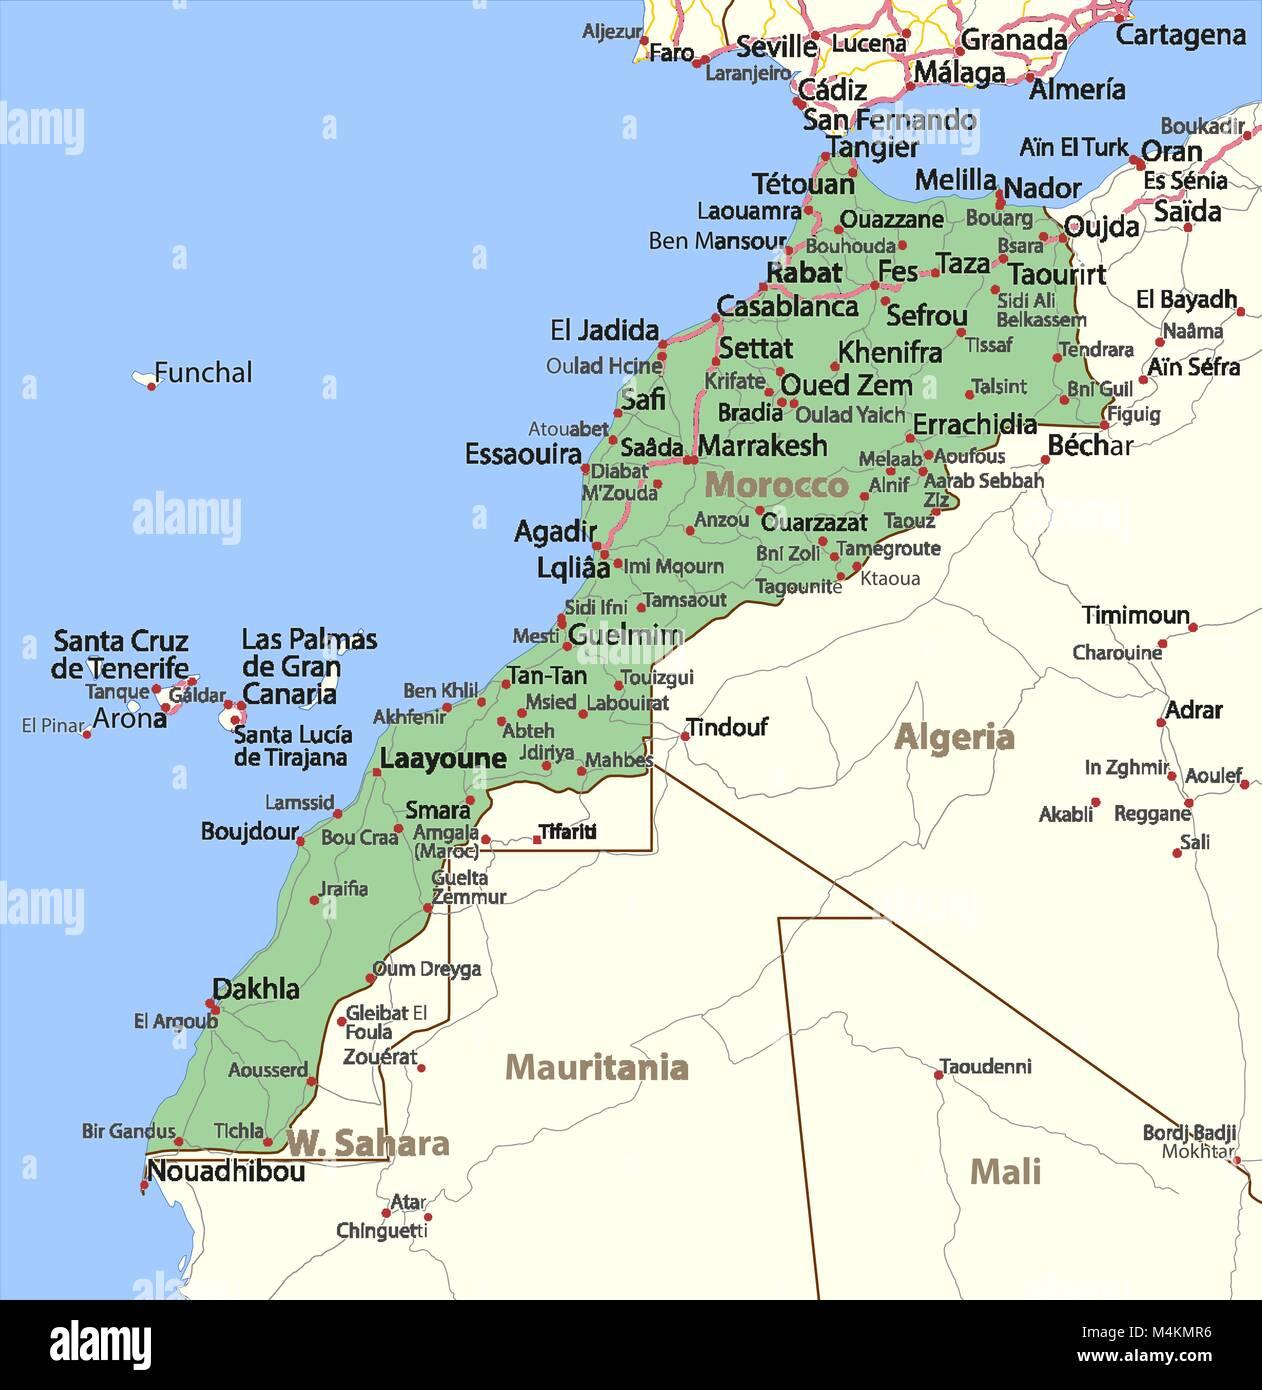 Cartina Geografica Marocco.Mappa Del Marocco Mostra I Confini Nomi Di Localita E Strade Le